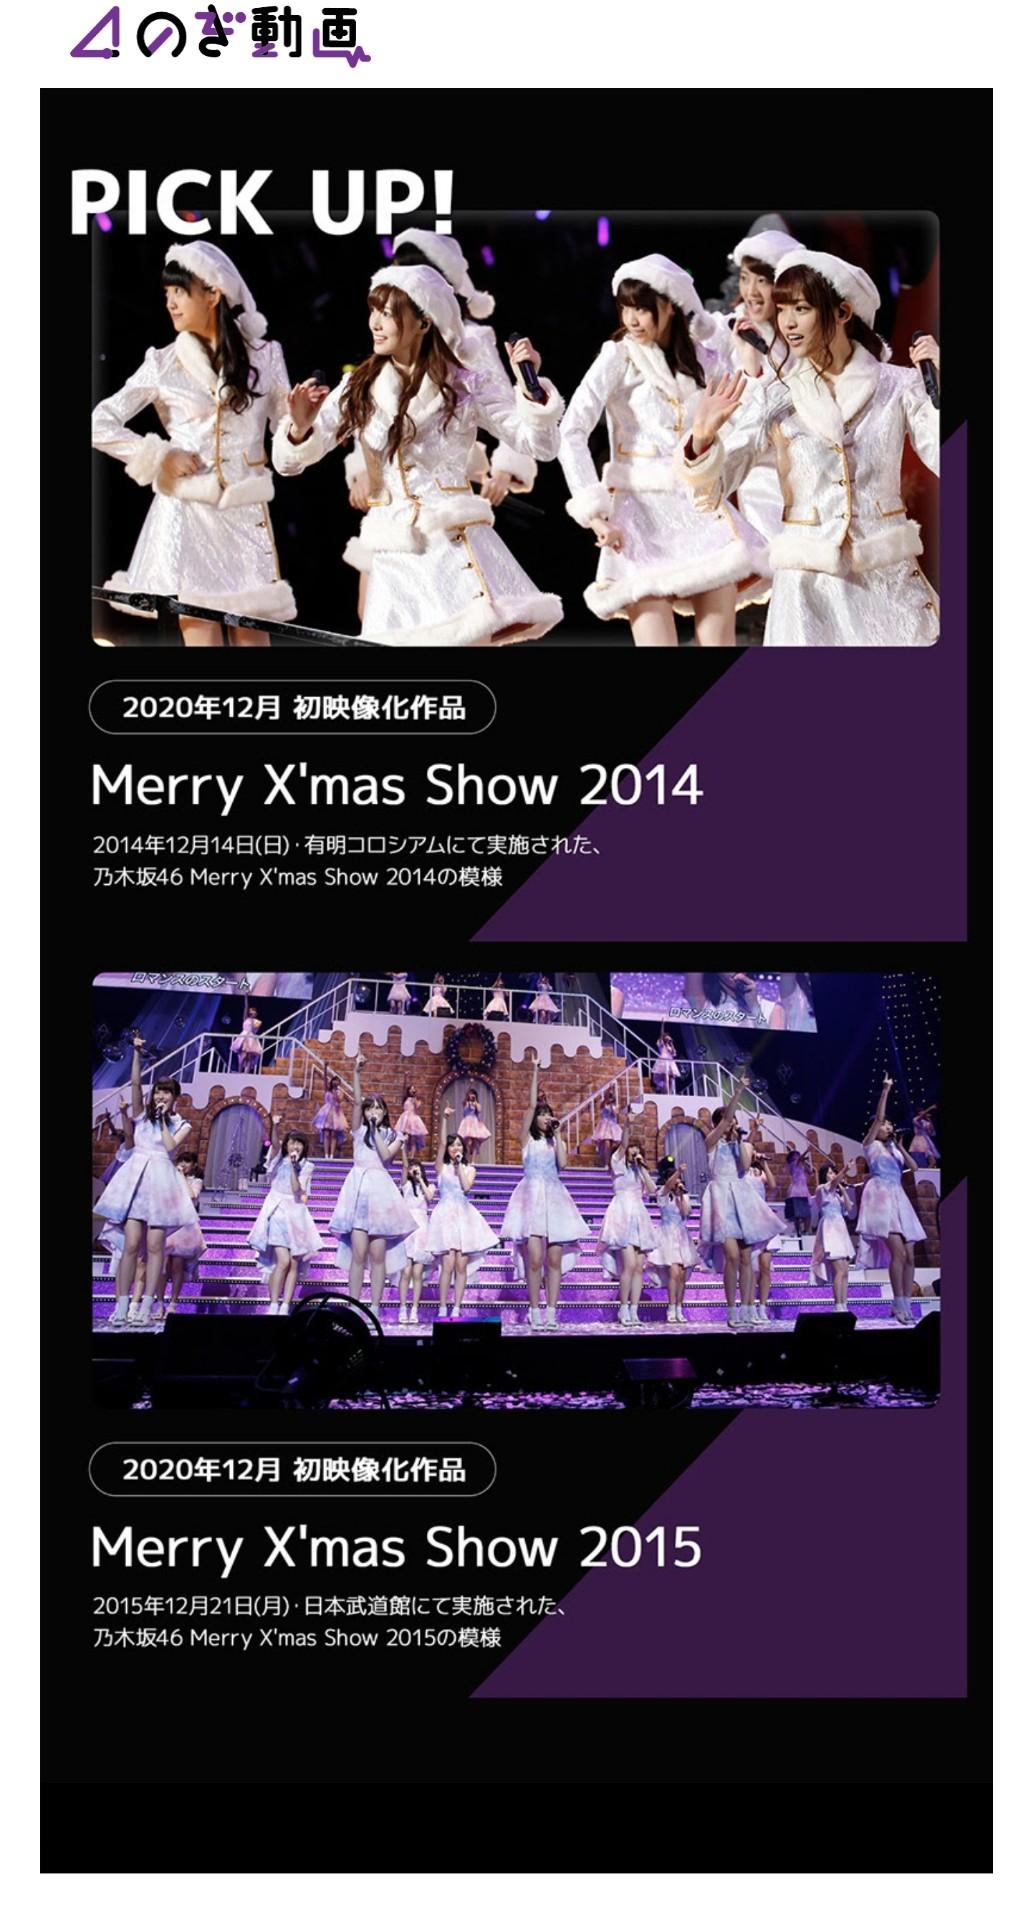 のぎ動画」Merry X'mas Show 2014と2015